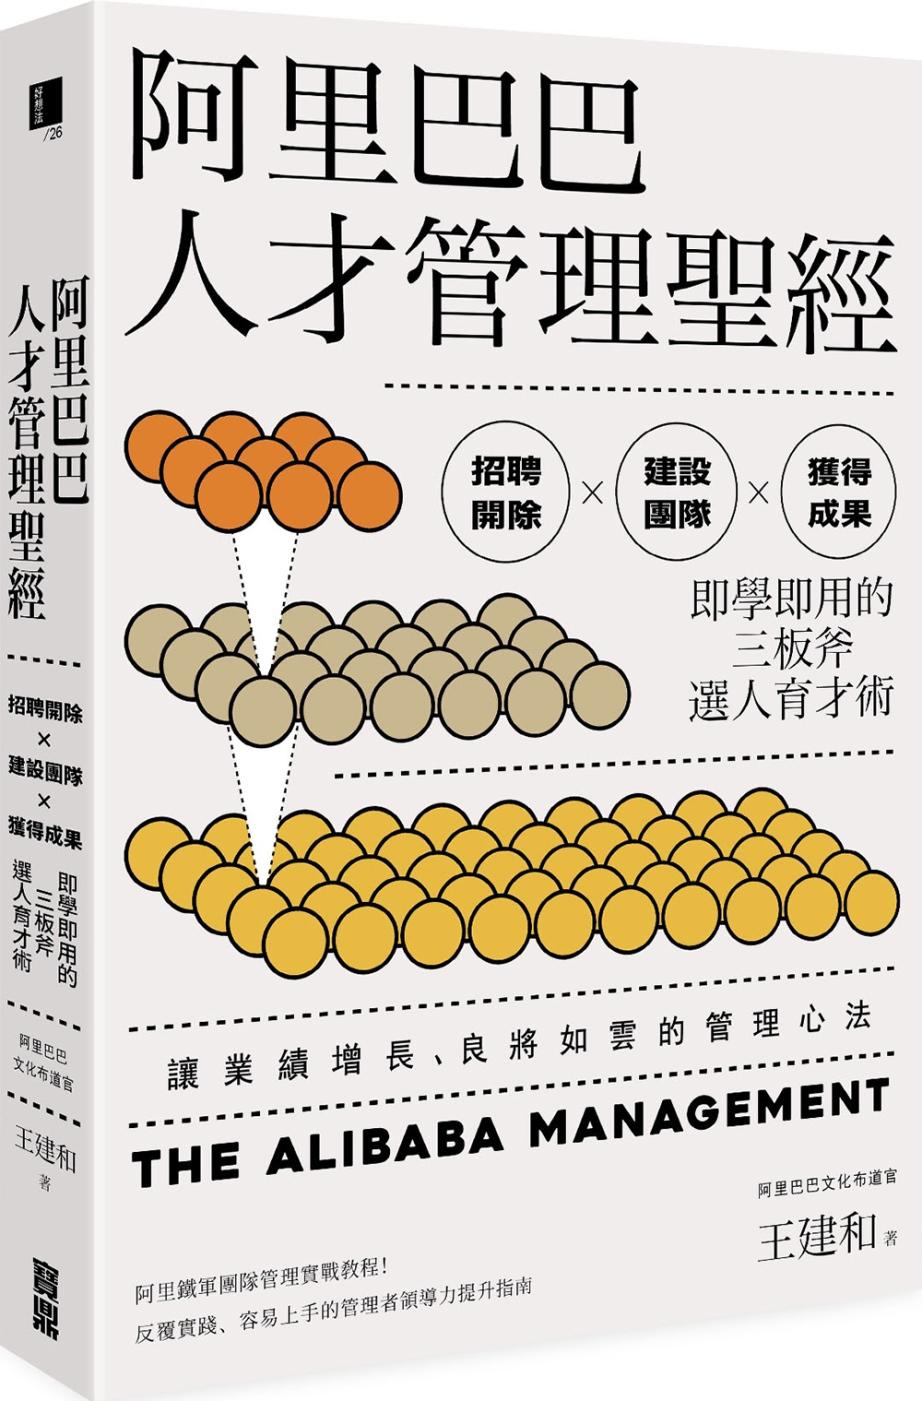 阿里巴巴人才管理聖經:招聘開除╳建設團隊╳獲得成果,即學即用的三板斧選人育才術